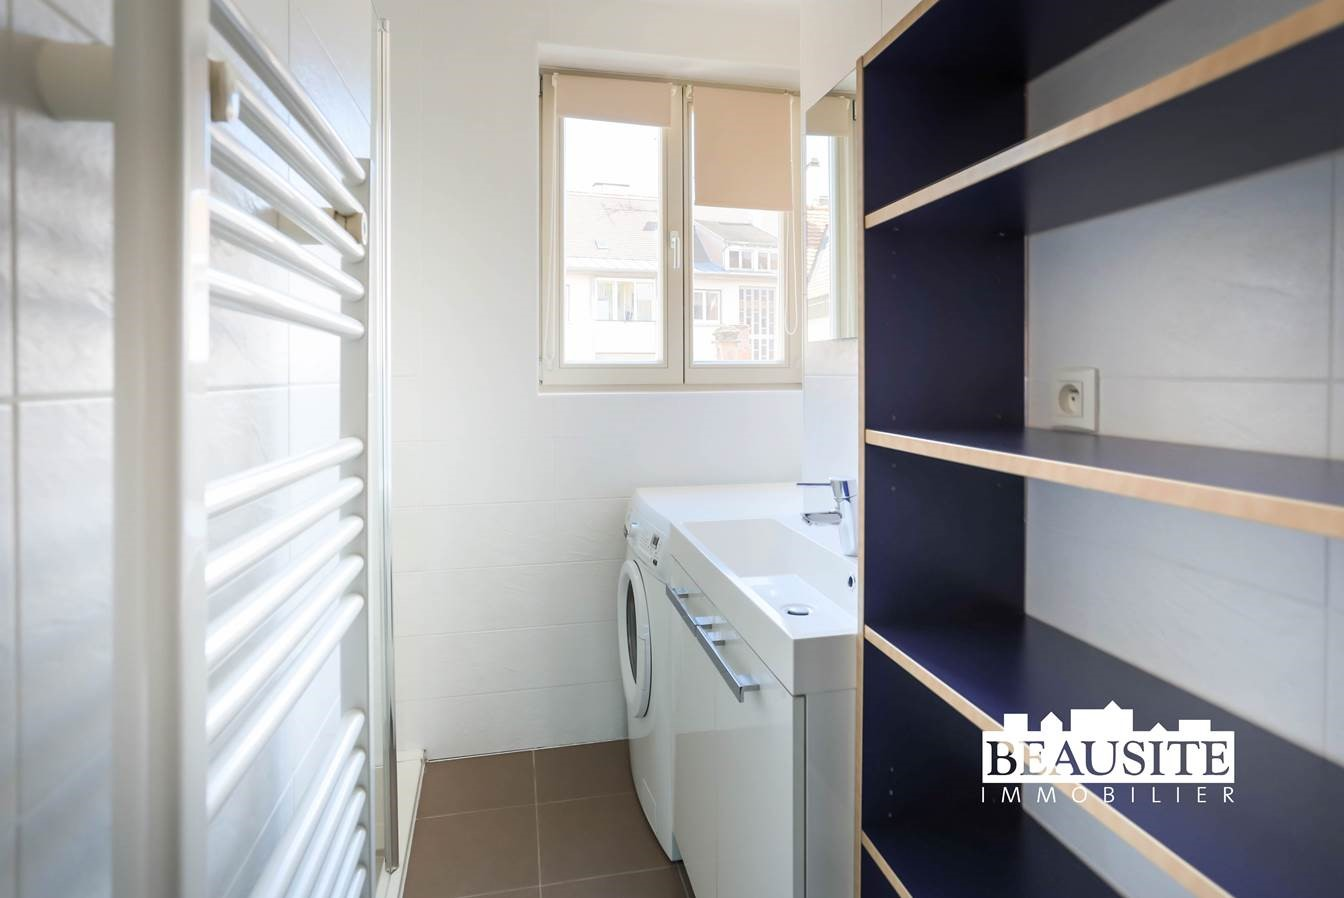 [Batelier] Magnifique 2 pièces meublé - Krutenau / Quai des Bateliers - nos locations - Beausite Immobilier 5